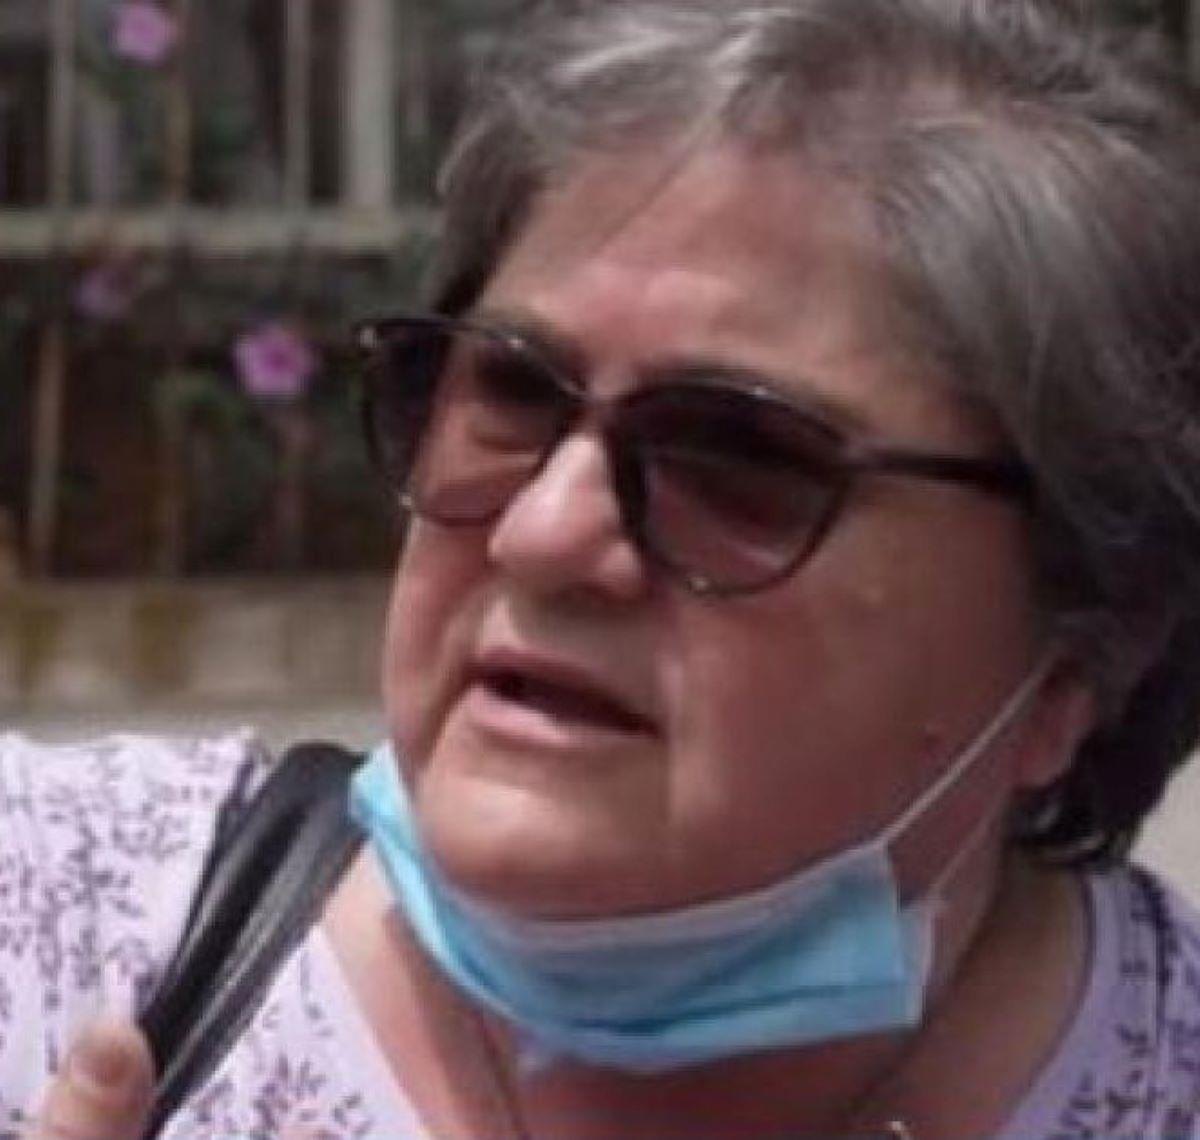 Denise Pipitone Testimonianza La Vita in diretta Manutentore Hotel Anna Corona